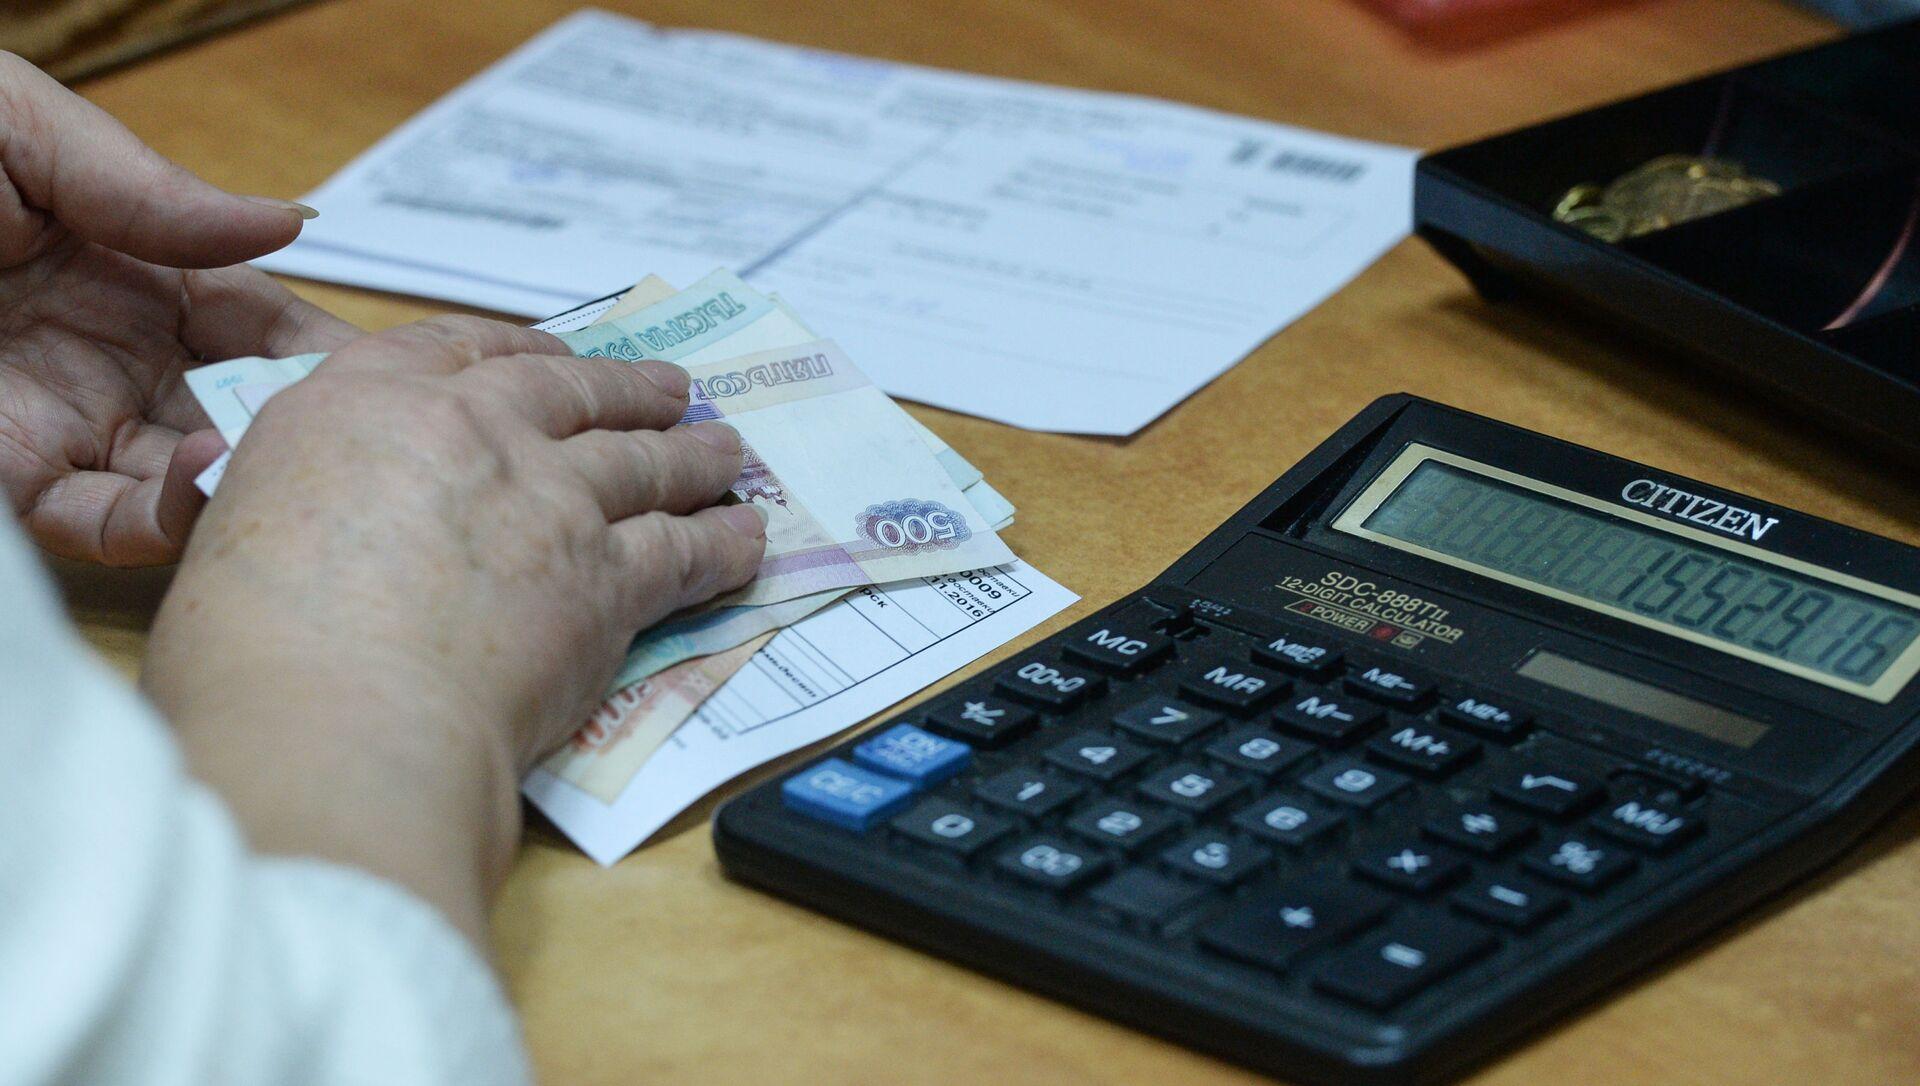 Выплата пенсии в одном из отделений Почты России. - Sputnik Абхазия, 1920, 16.08.2021